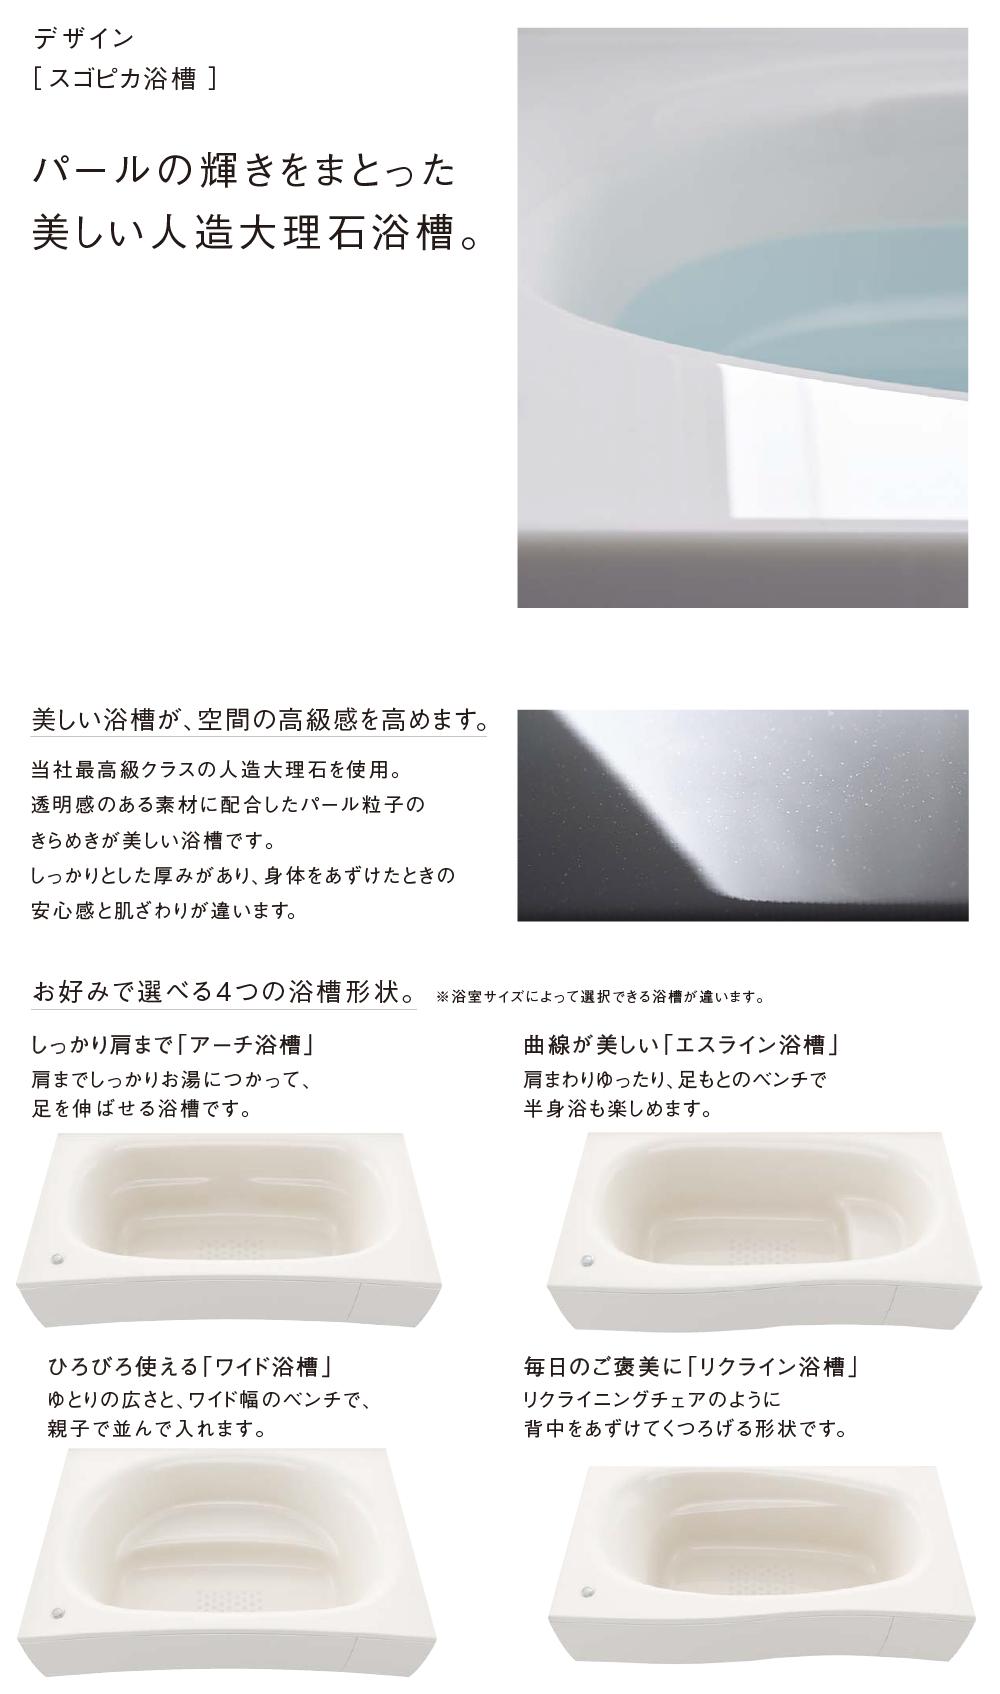 パールの輝きをまとった美しい人造大理石浴槽